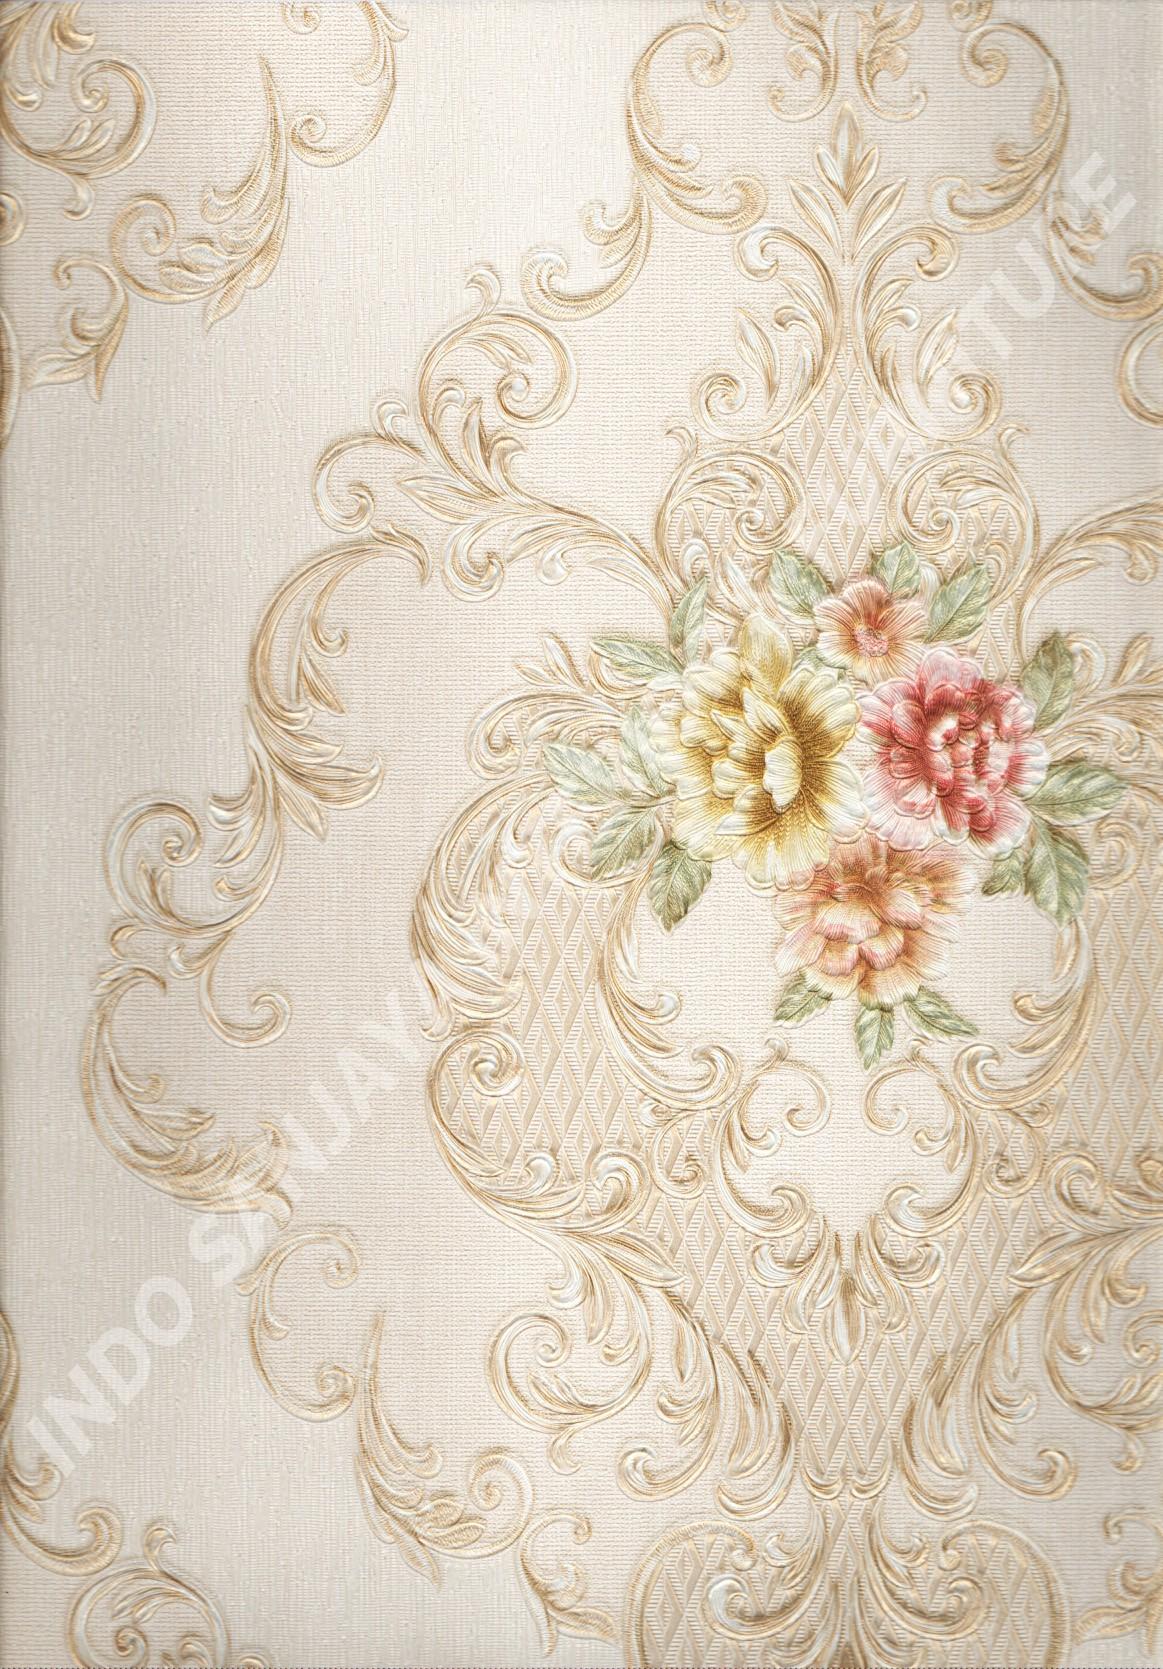 wallpaper   Wallpaper Bunga 5003-2:5003-2 corak  warna